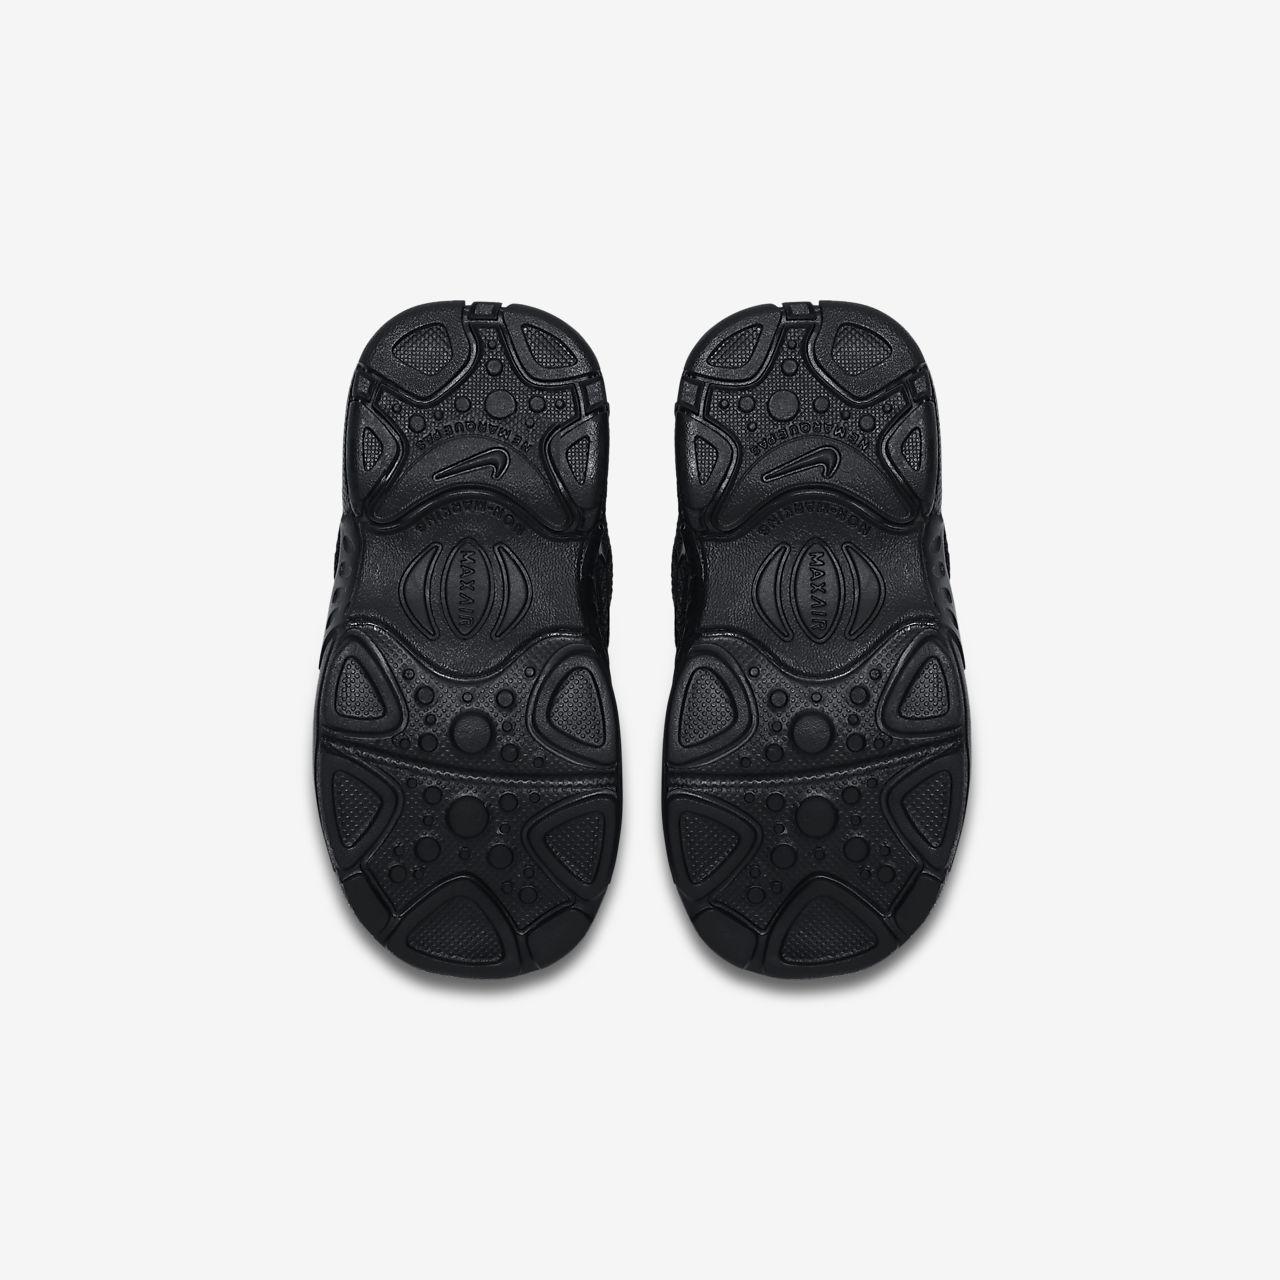 Sko Air Max 90 Leather för babysmå barn